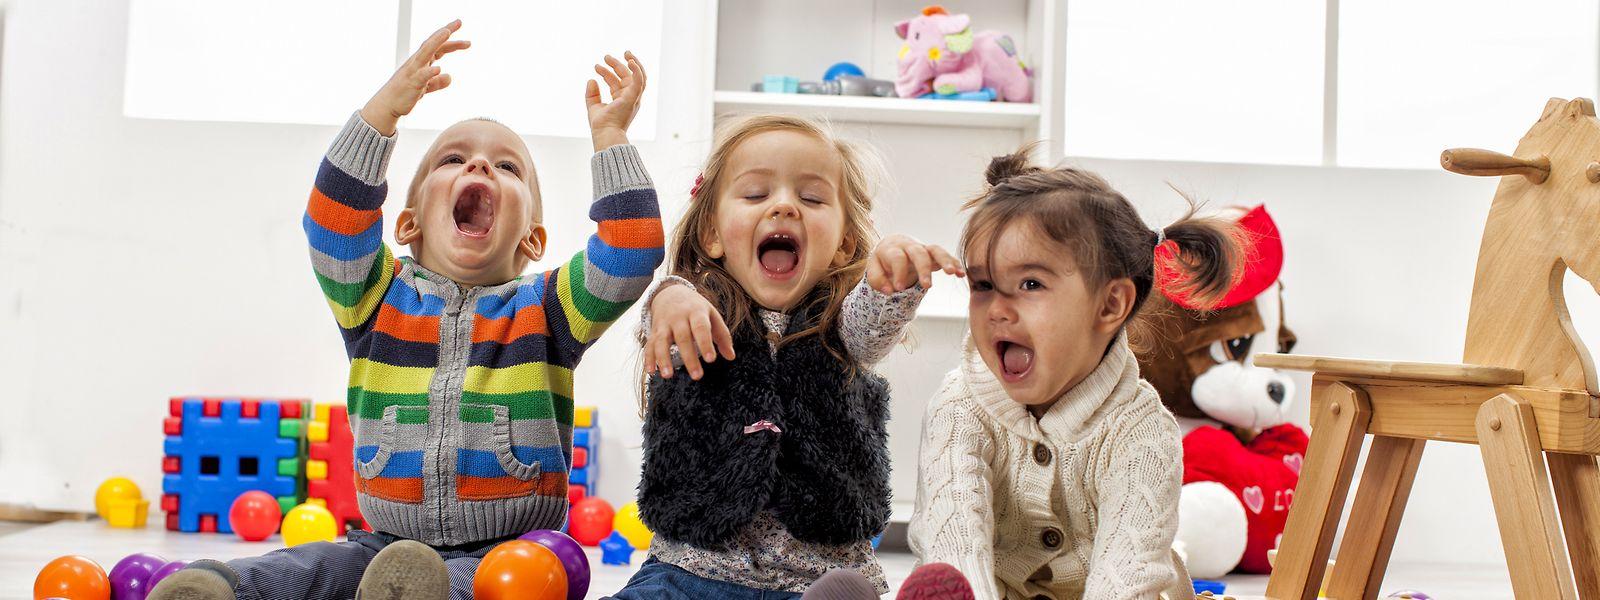 Kinder wollen bespielt werden:In diesen Zeiten kein einfaches Unterfangen.